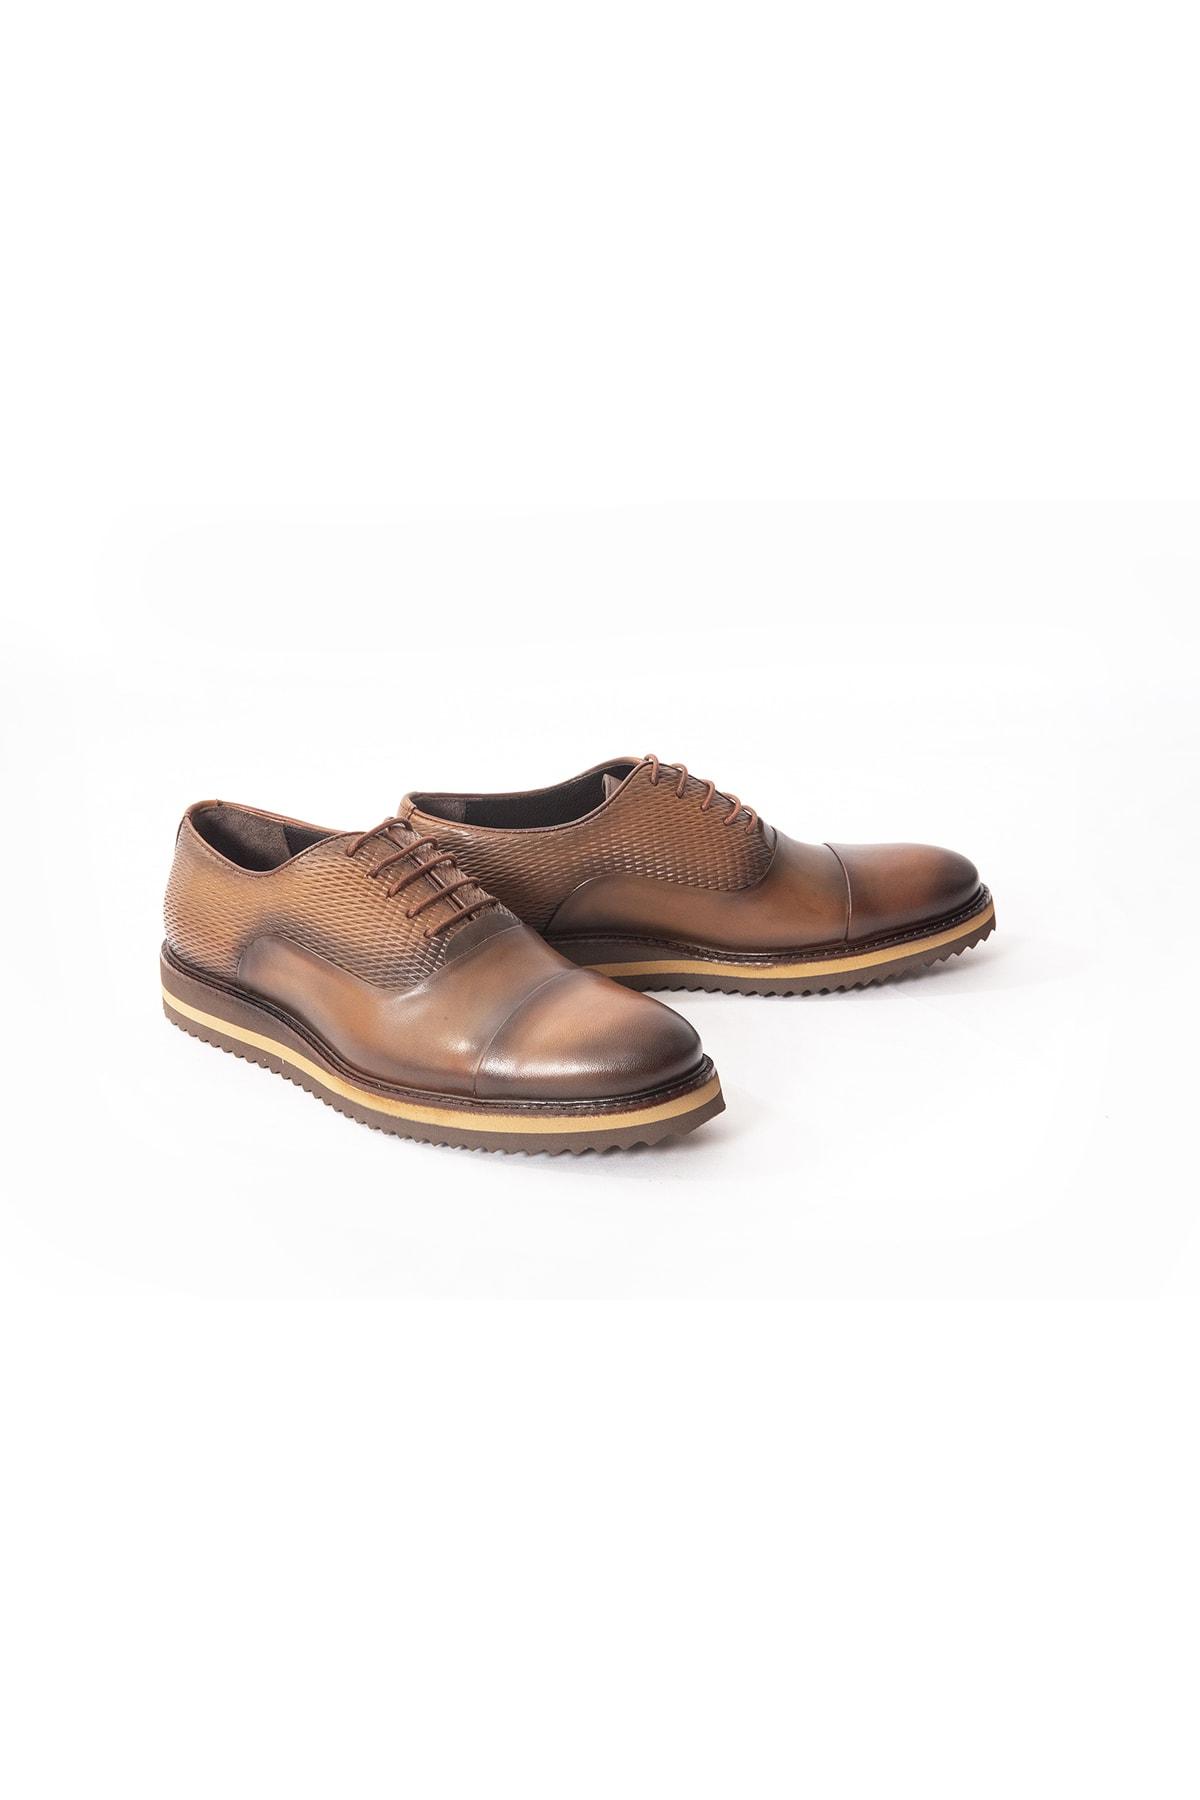 İgs Deri Günlük Erkek Ayakkabı Taba (I1711459-3 M 1000) 1